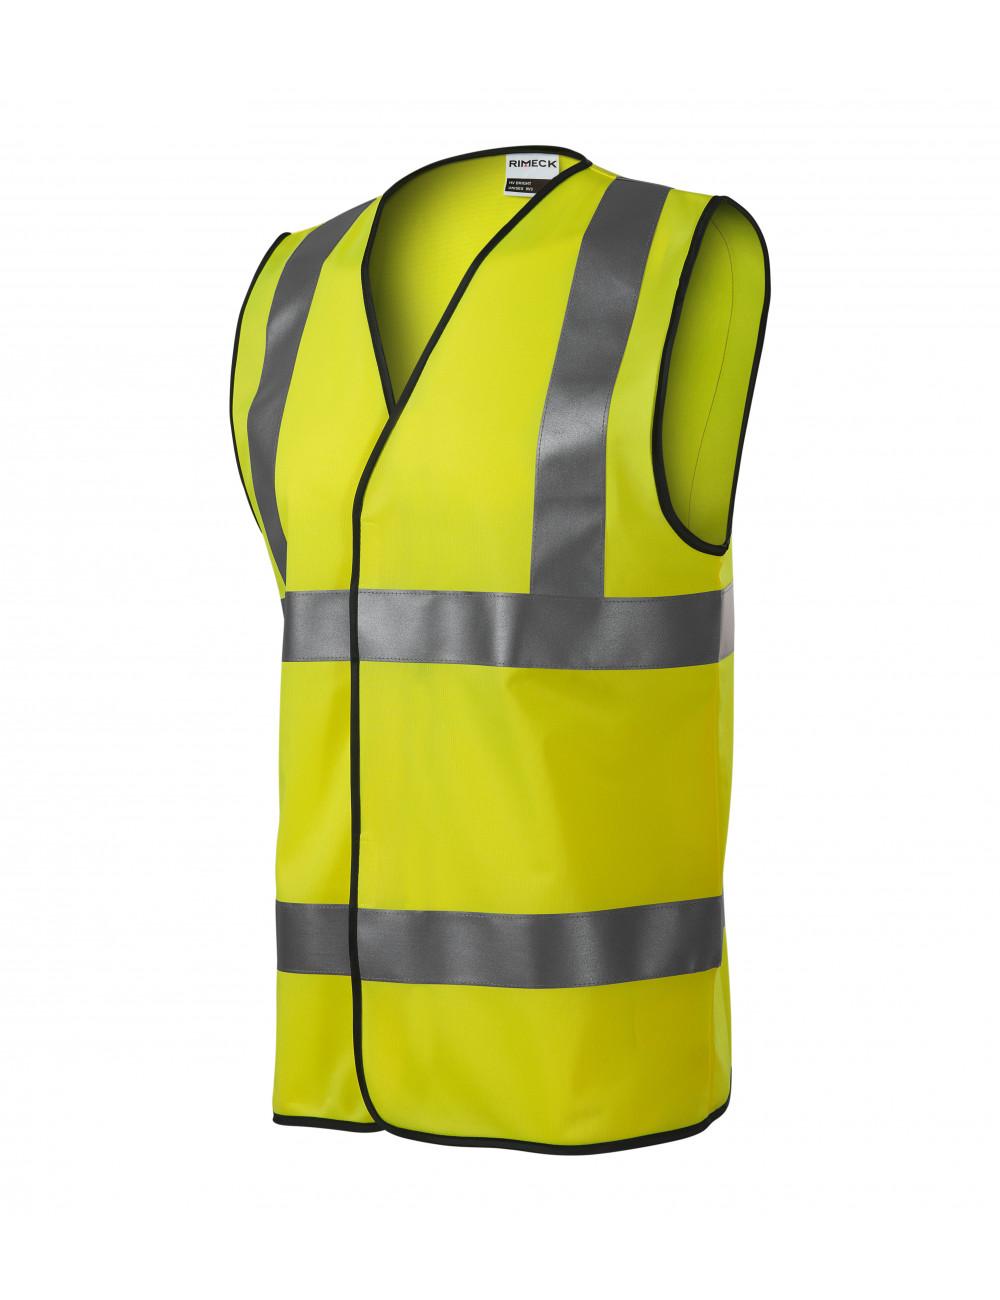 Kamizelka ostrzegawcza to element odzieży roboczej